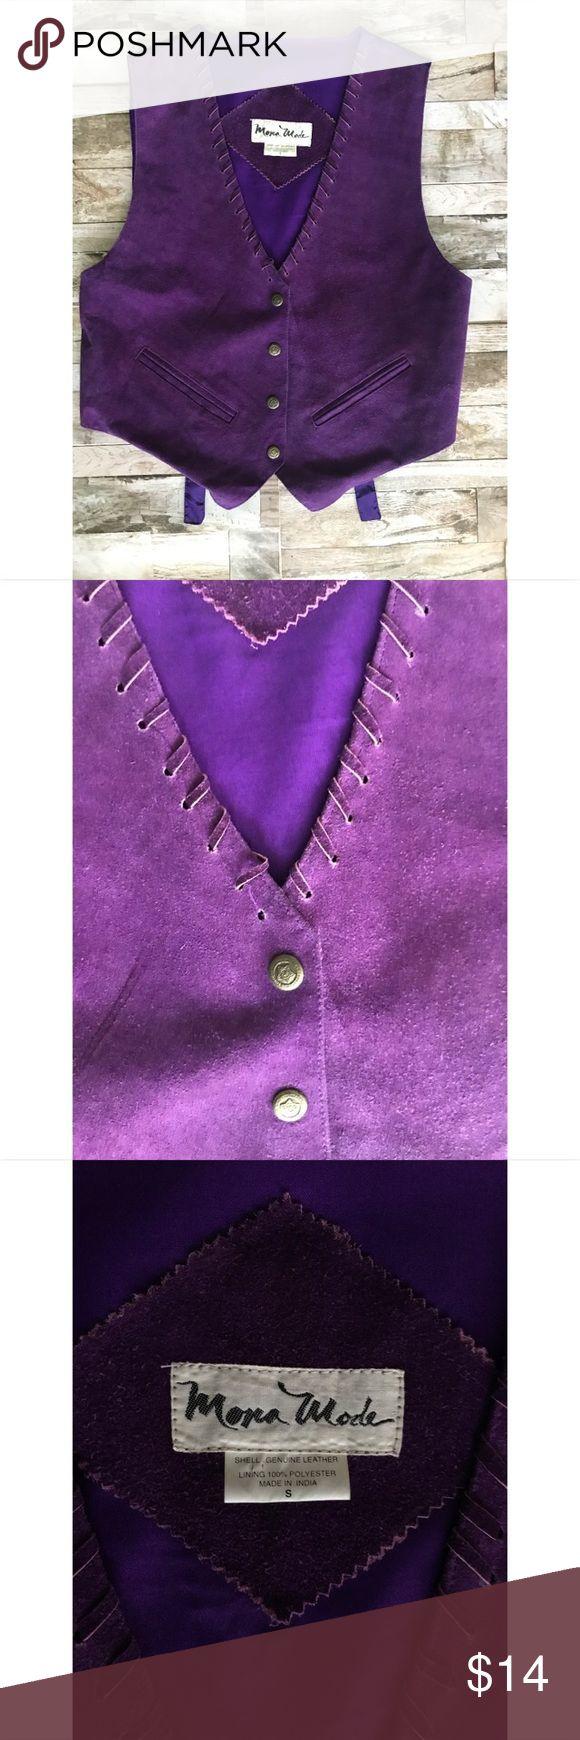 Mona Mode Genuine Leather Purple Vest Sz S Mona Mode Genuine Leather Purple Vest Sz S Mona Mode Jackets & Coats Vests